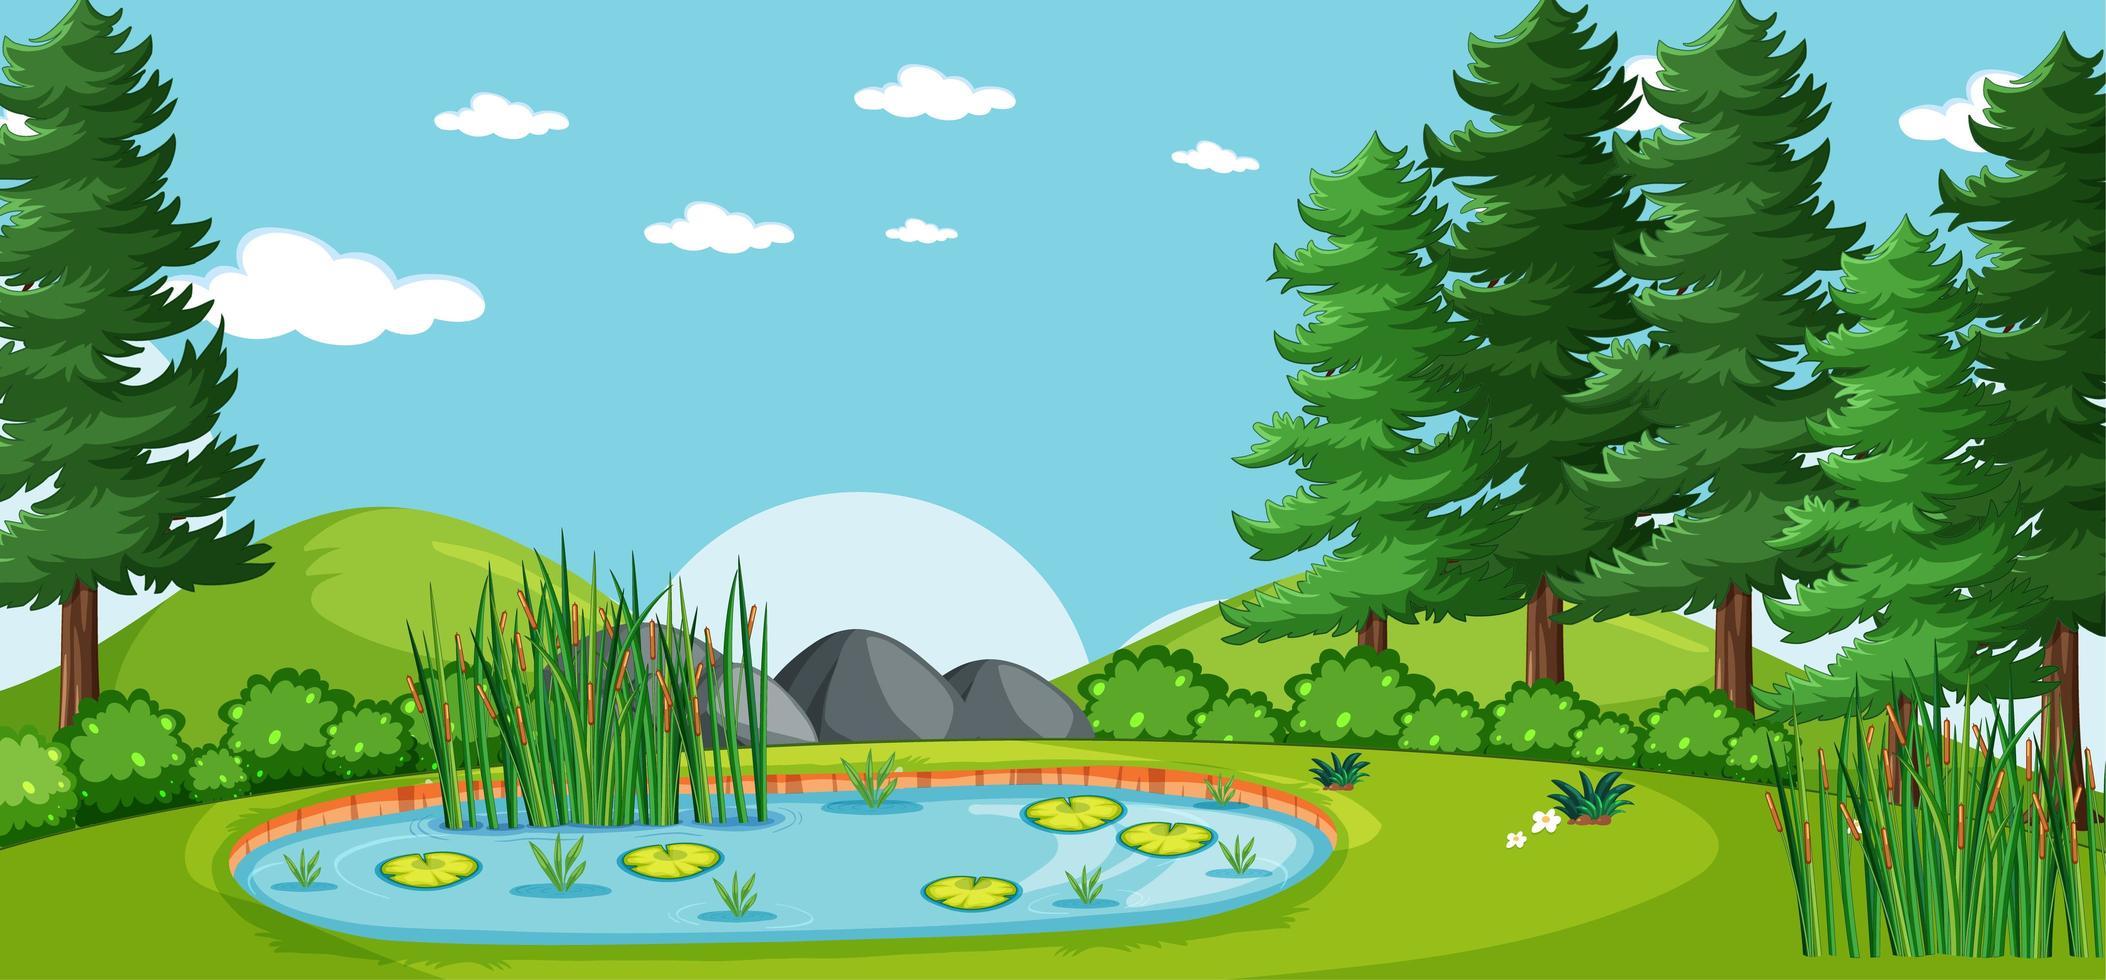 paysage vide dans la scène du parc naturel avec de nombreux pins et marais vecteur